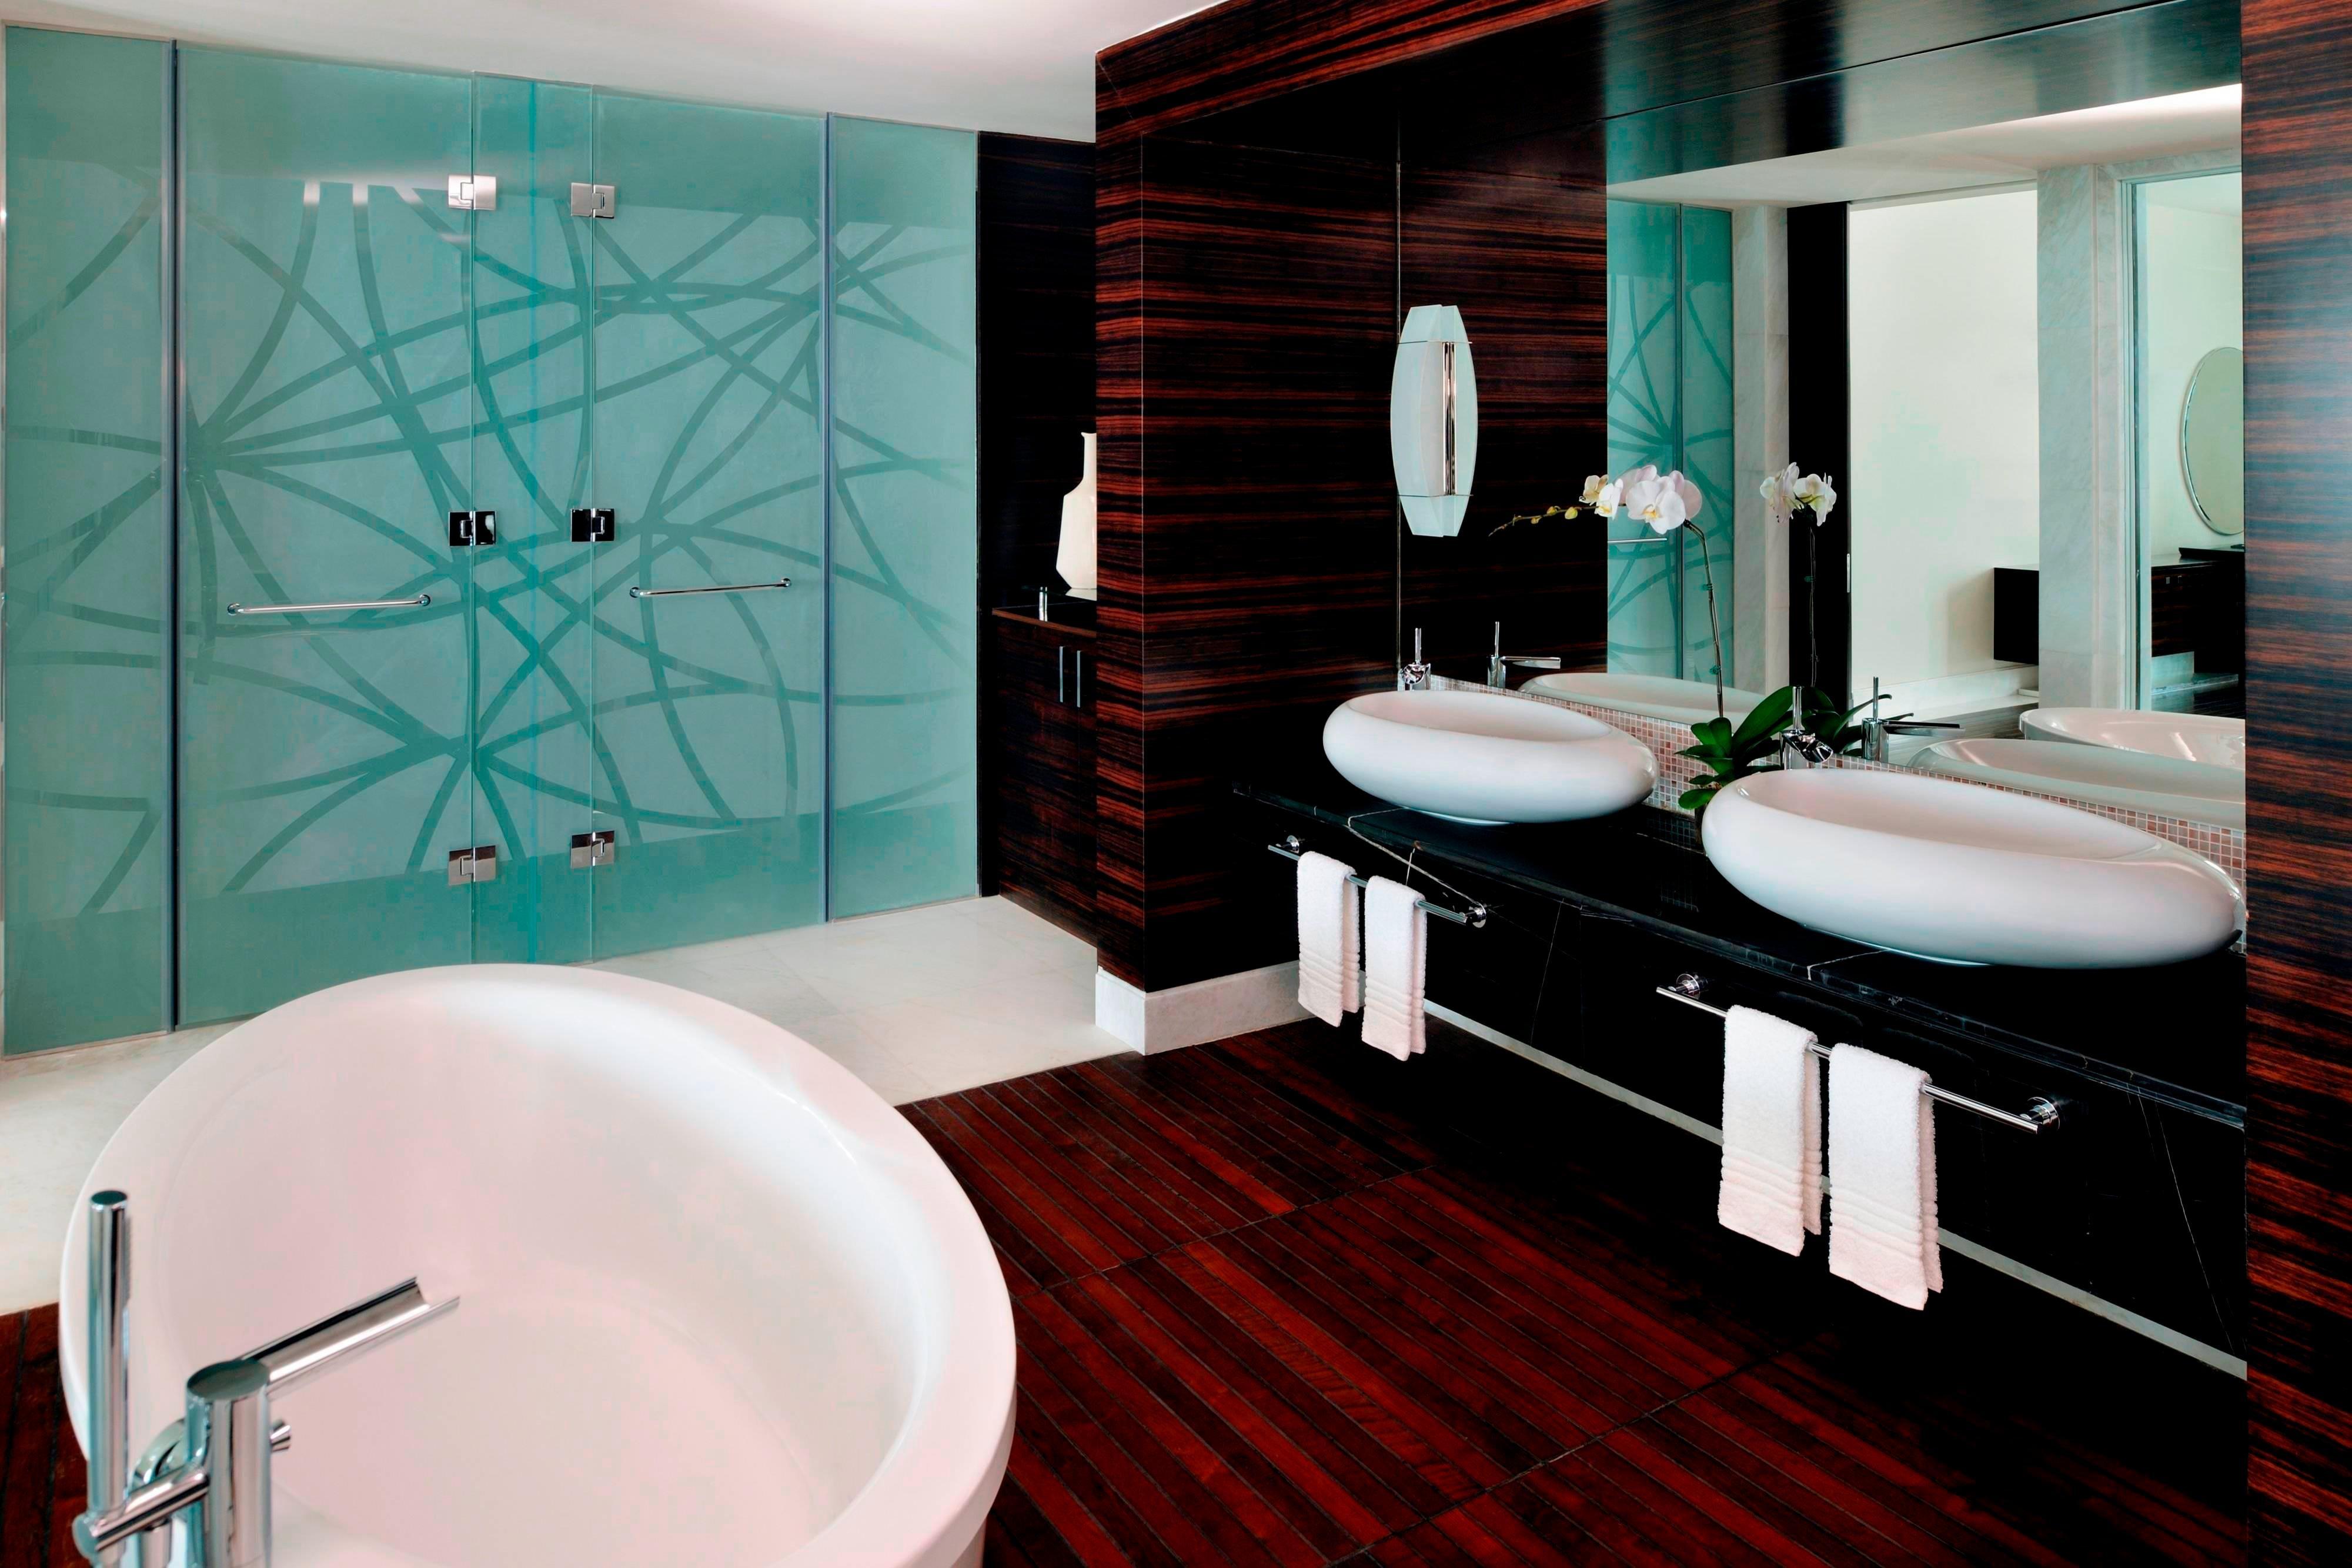 Bad einer Luxury Suite in Dubai